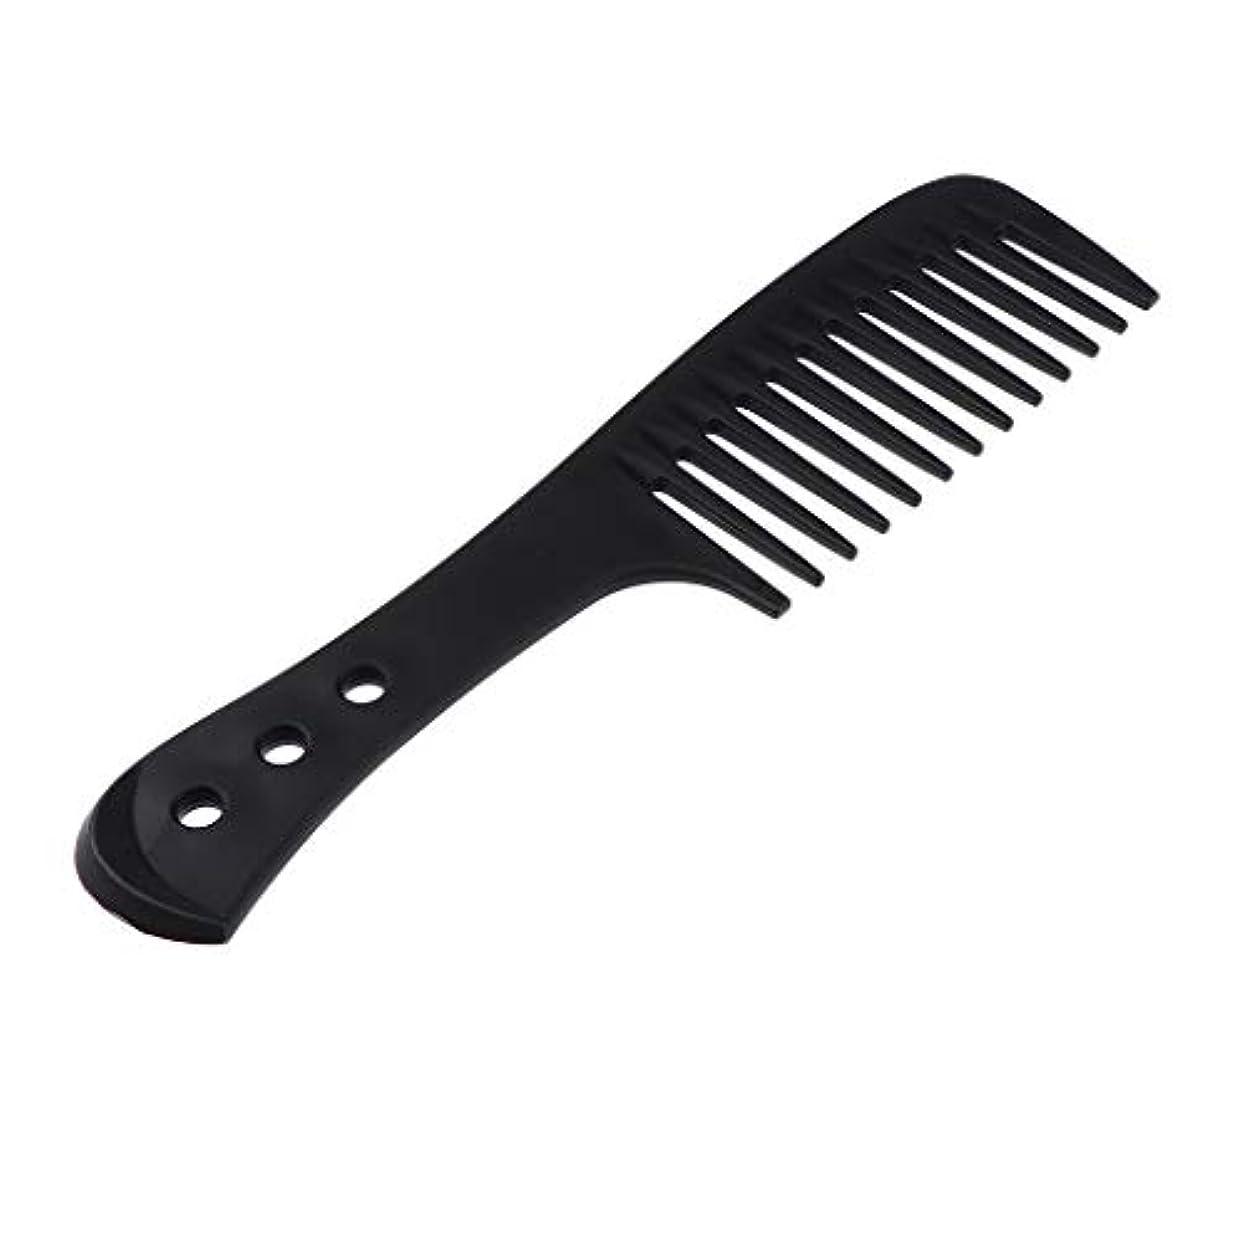 好色な狂ったモニターT TOOYFUL ワイド歯ブラシ 美容整形 美容整形髪ブラシ 全4色 - ブラック